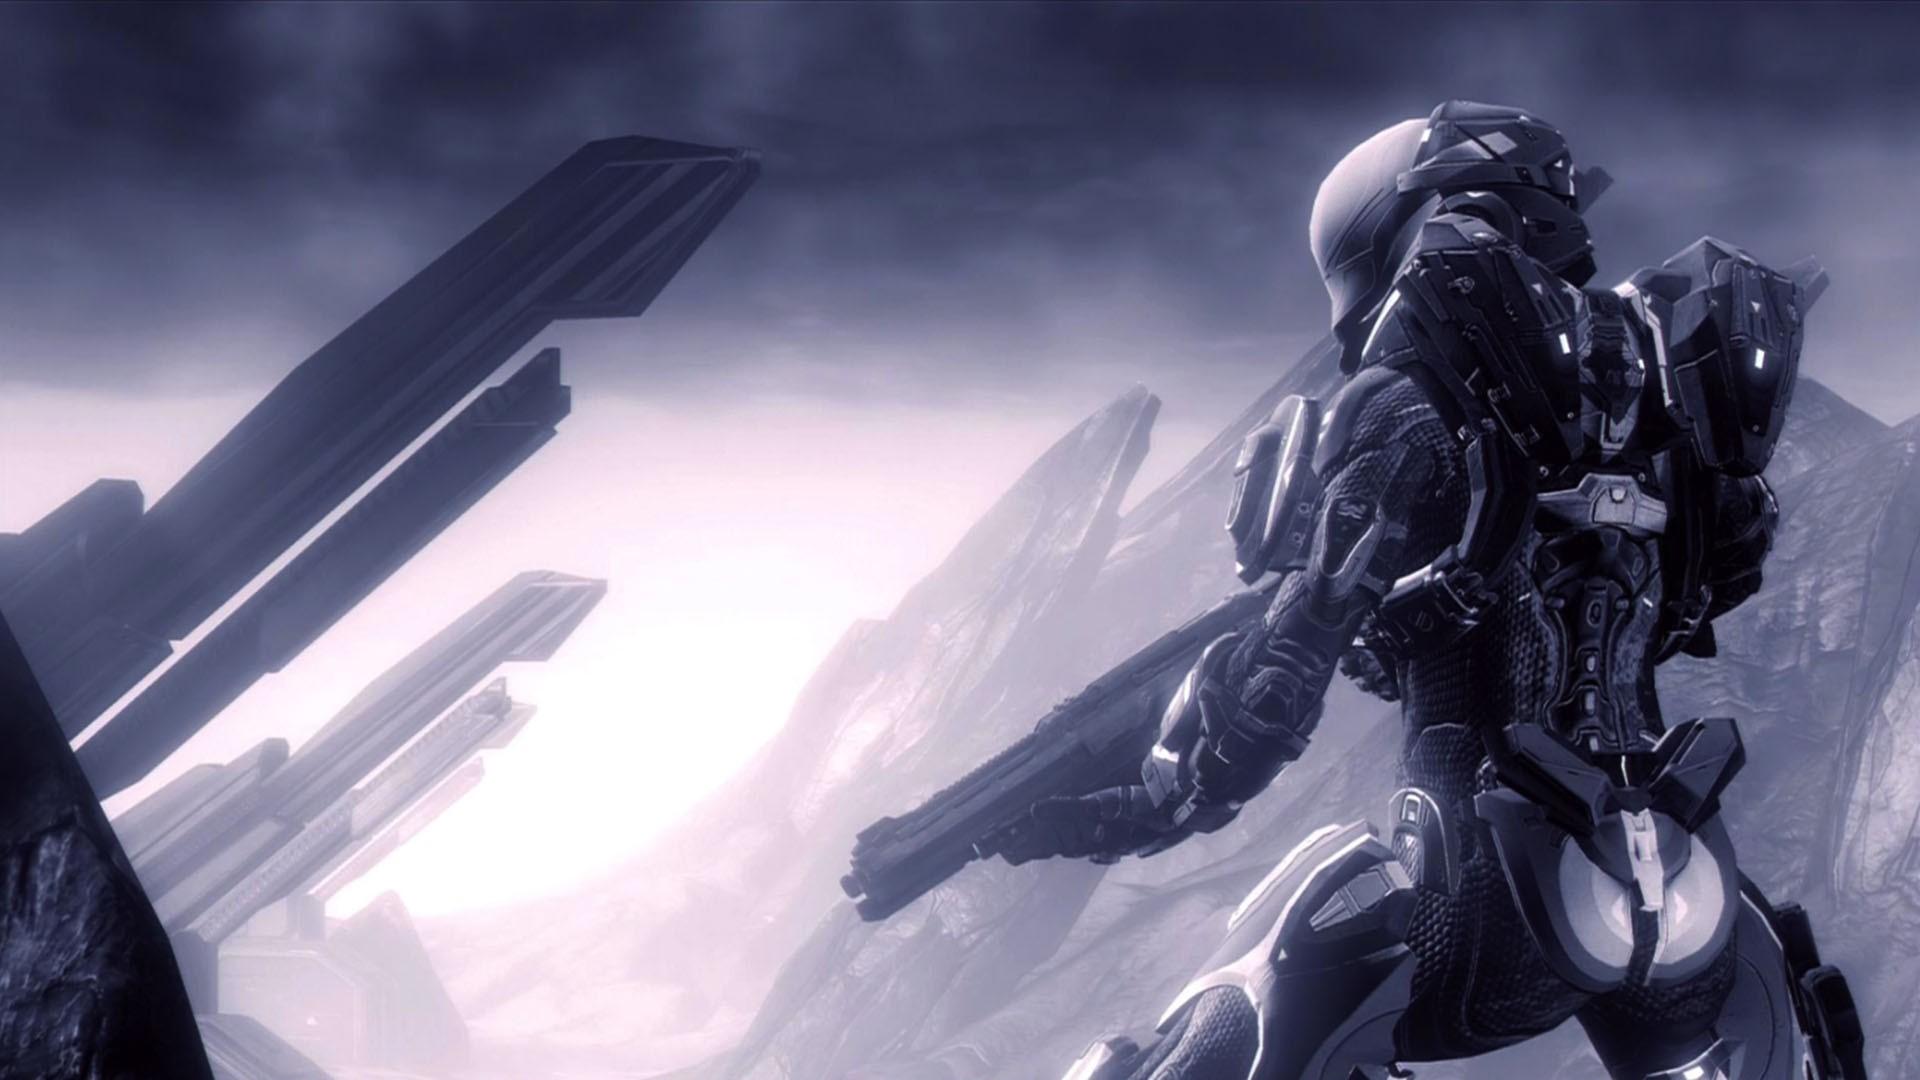 Halo 4 Spartan Wallpaper Hd Halo spartan w…